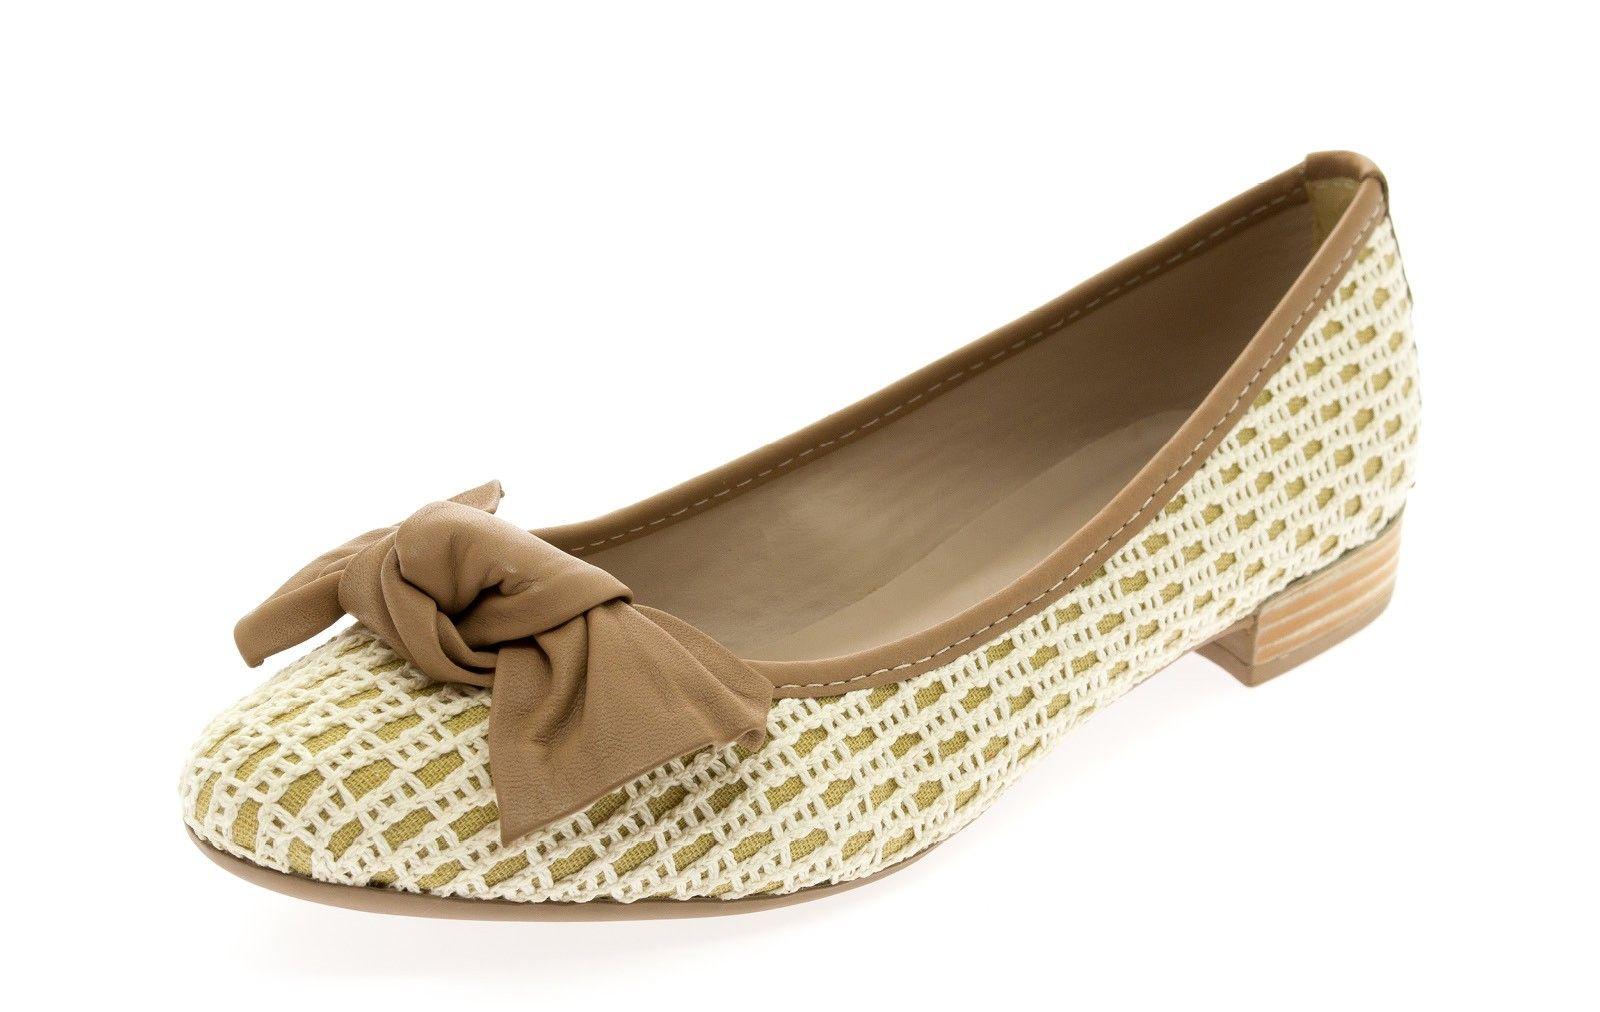 7099ffcad8a61 Sapatilha caramelo com crochê Vírgula Zero - Taquilla Calçados - Loja  online de sapatos femininos